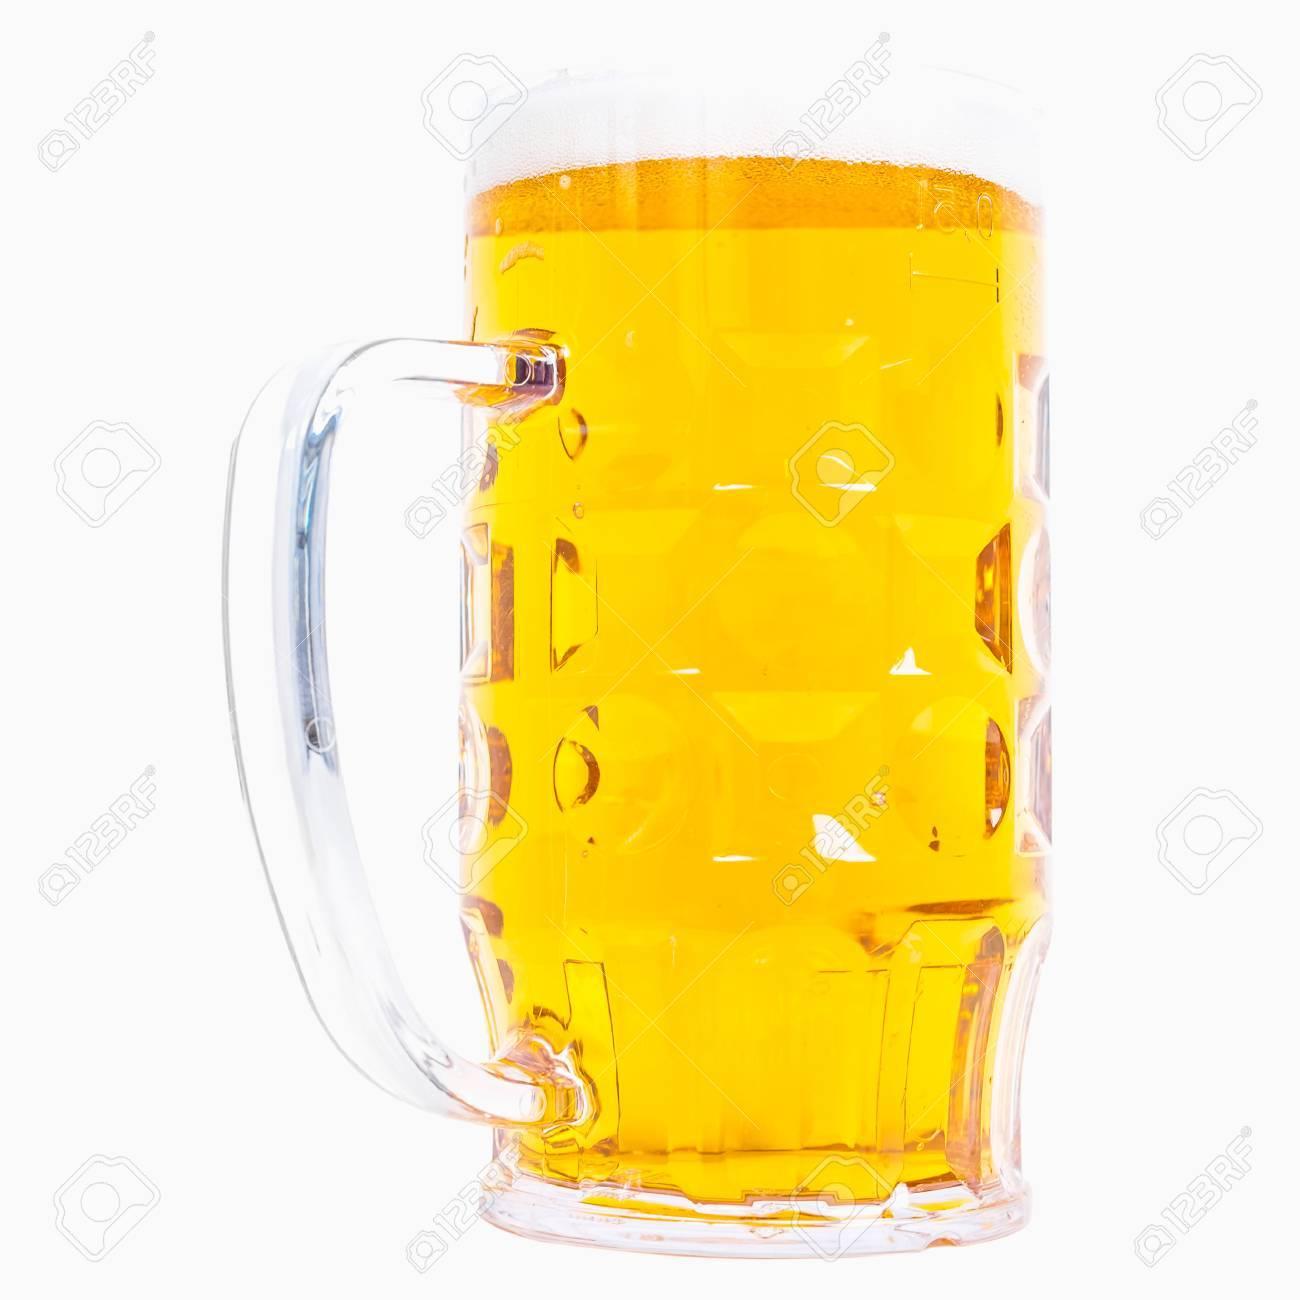 High Dynamic Range (HDR) Grote Duitse Bierkrug Bier Mok Tankard Glas, Halve  Liter, Een Pint Van Pils - Geïsoleerd Op Een Witte Achtergrond  Royalty-Vrije Foto, Plaatjes, Beelden En Stock Fotografie. Image 61717503.